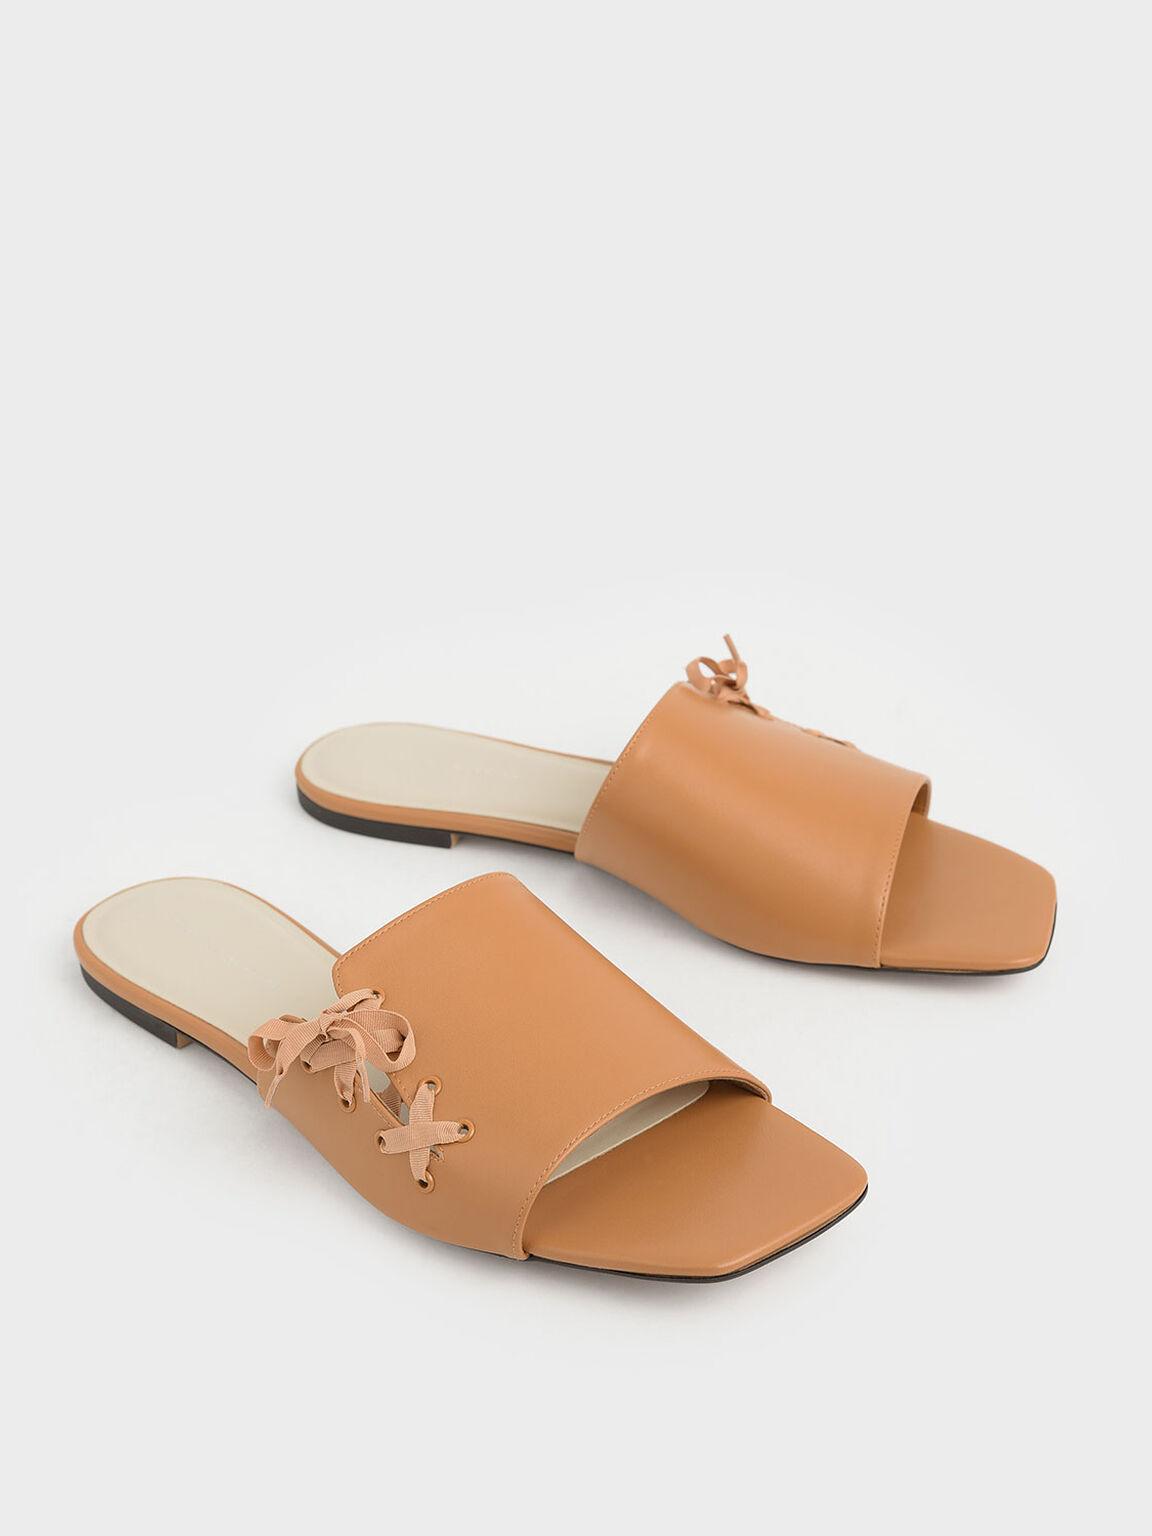 Ribbon Tie Slide Sandals, Orange, hi-res